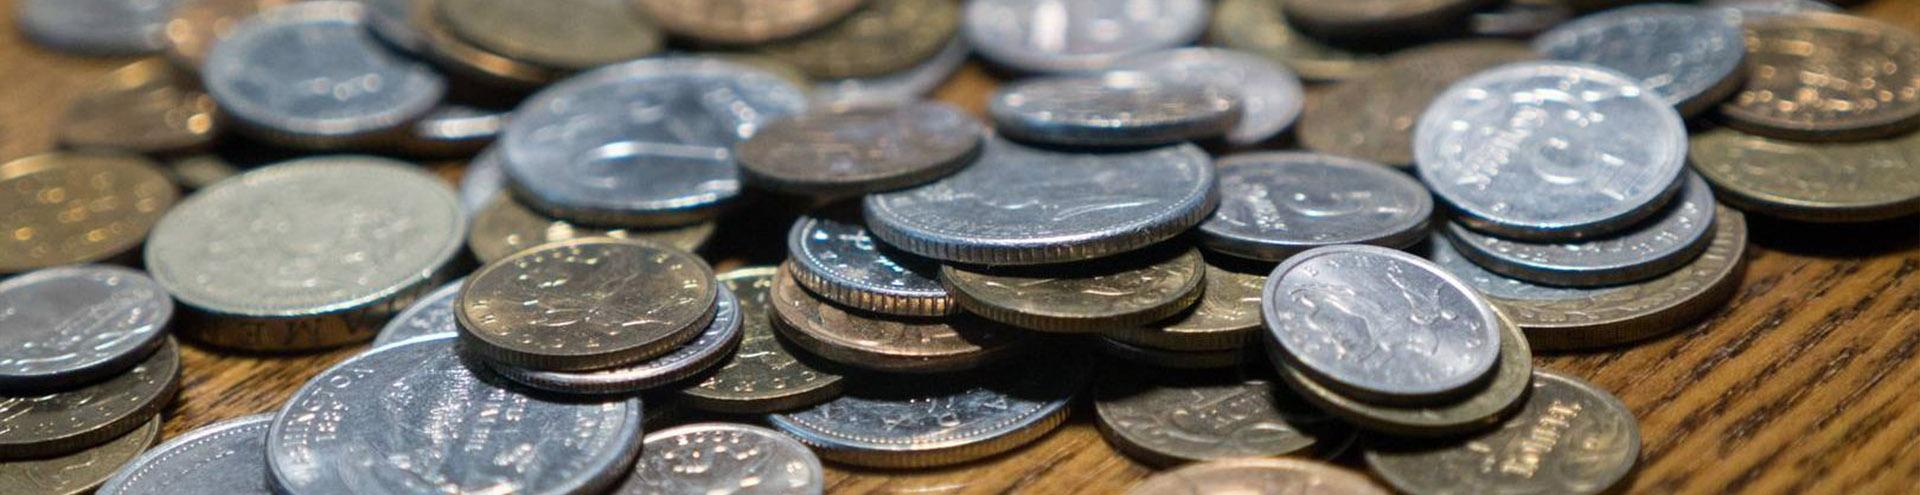 судебное взыскание долгов в Чебоксарах